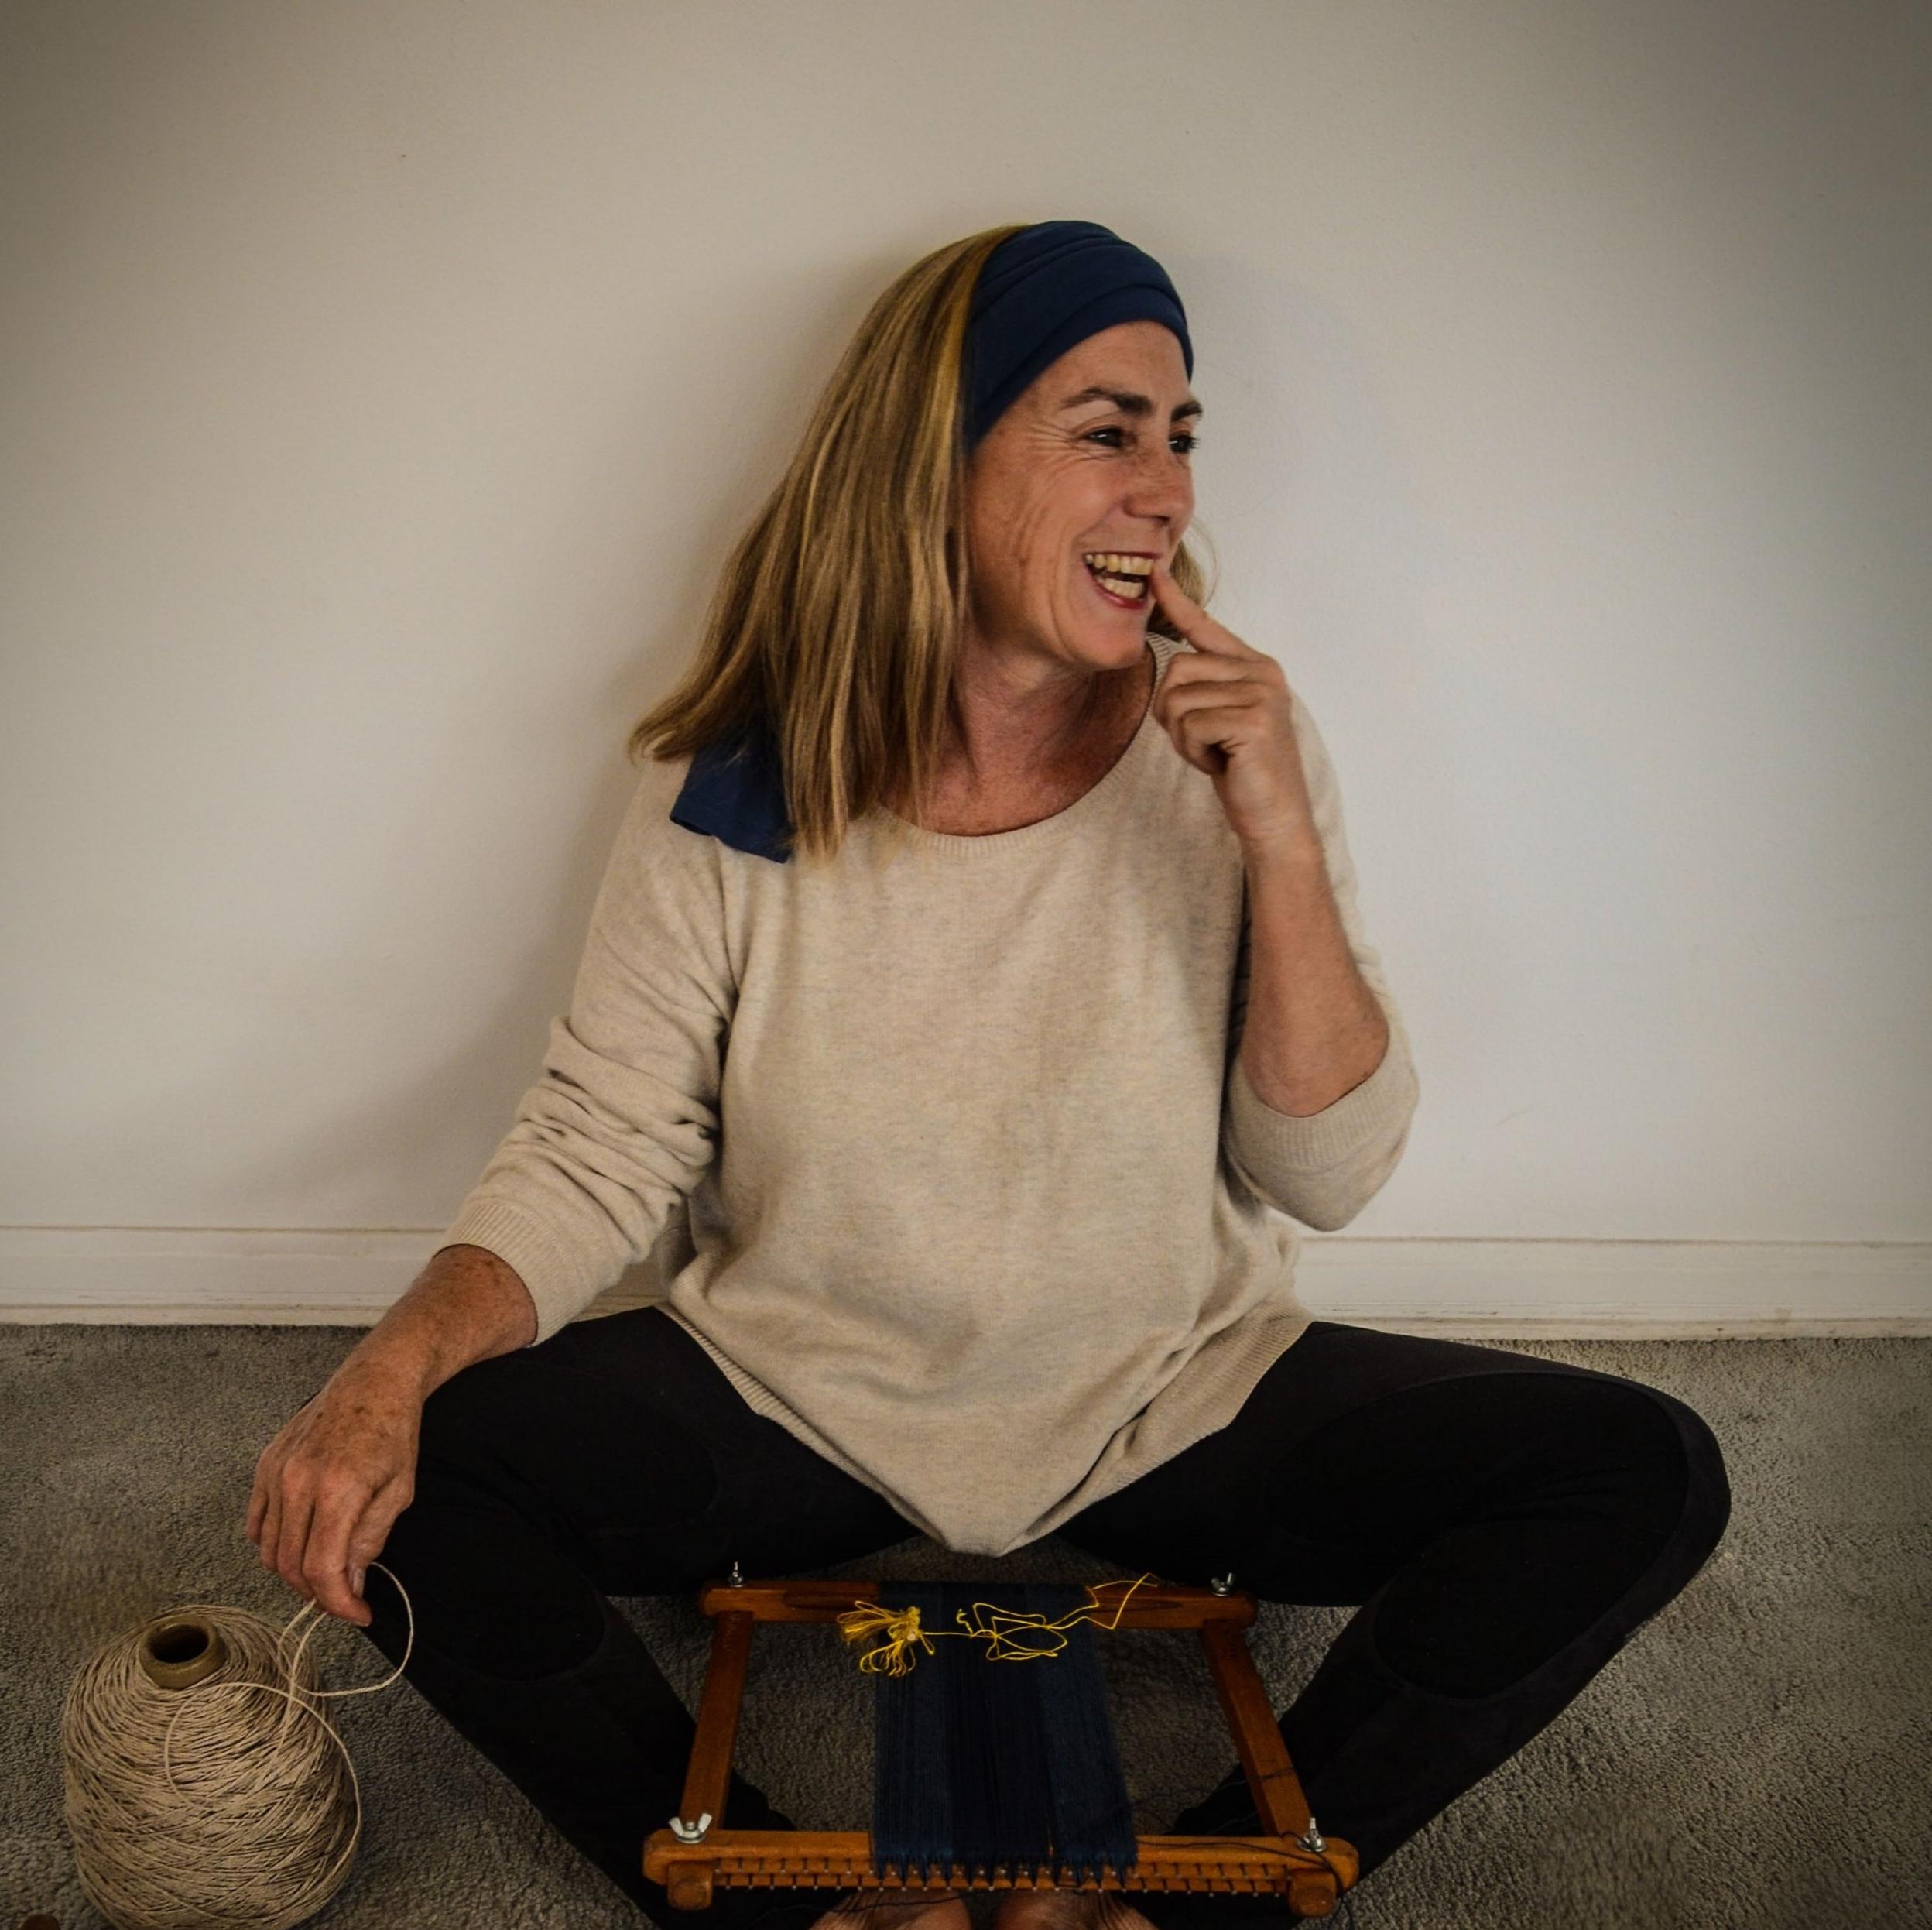 - • El arte textil contemporáneo se configura en el ámbito de las artes visuales en torno a referencias formales y conceptuales cada vez más activas; un lenguaje creativo que tiene la materialidad textil y elementos de fibra como medios de expresión, a través de sus procesos productivos en todos los   alcances de una obra textil...ver +